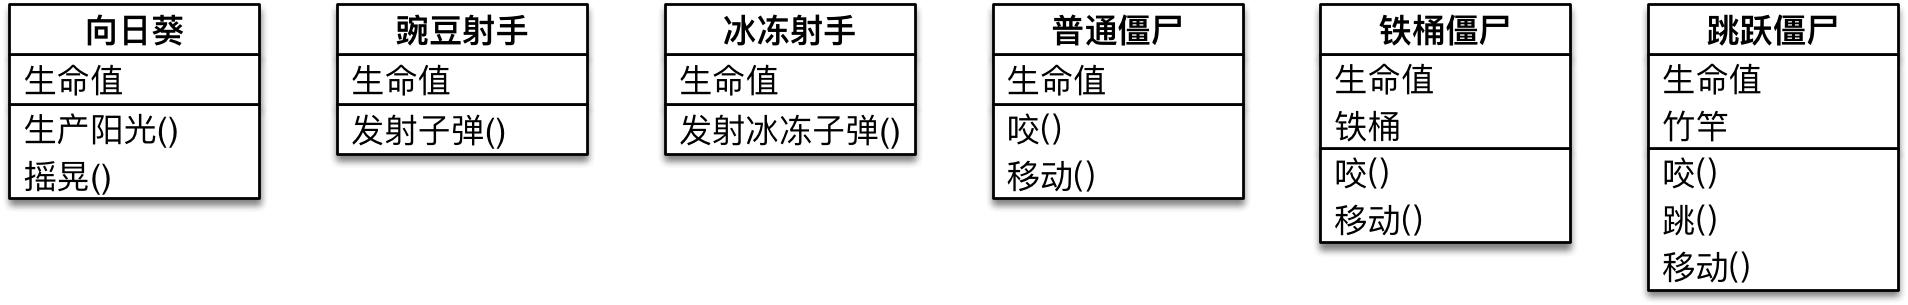 001_植物大战僵尸类图.png